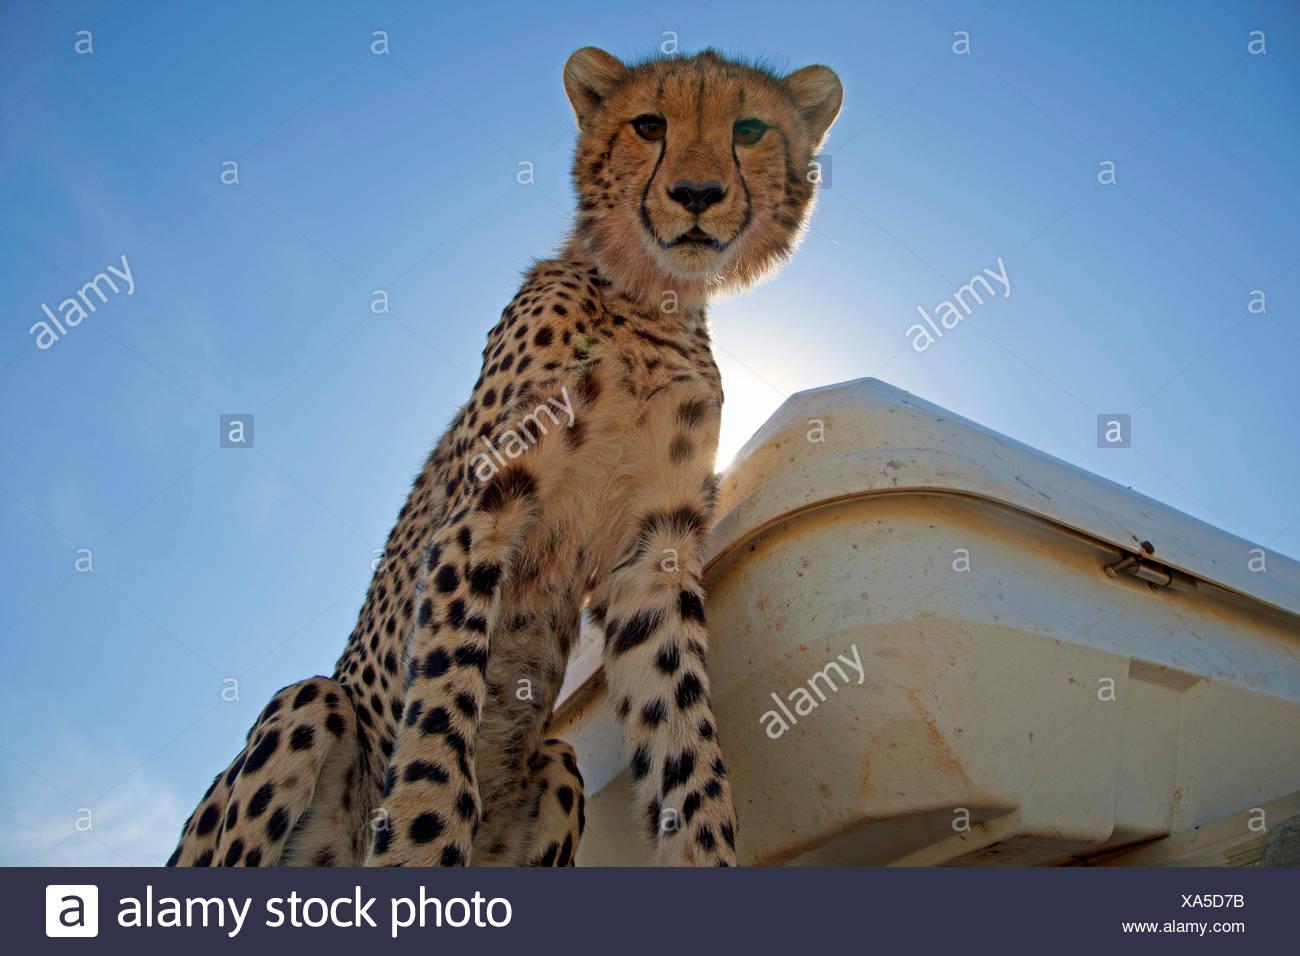 Gepard (Acinonyx Jubatus), sitzt auf einem Offroad-Fahrzeug, Kenia, Masai Mara Nationalpark Stockbild